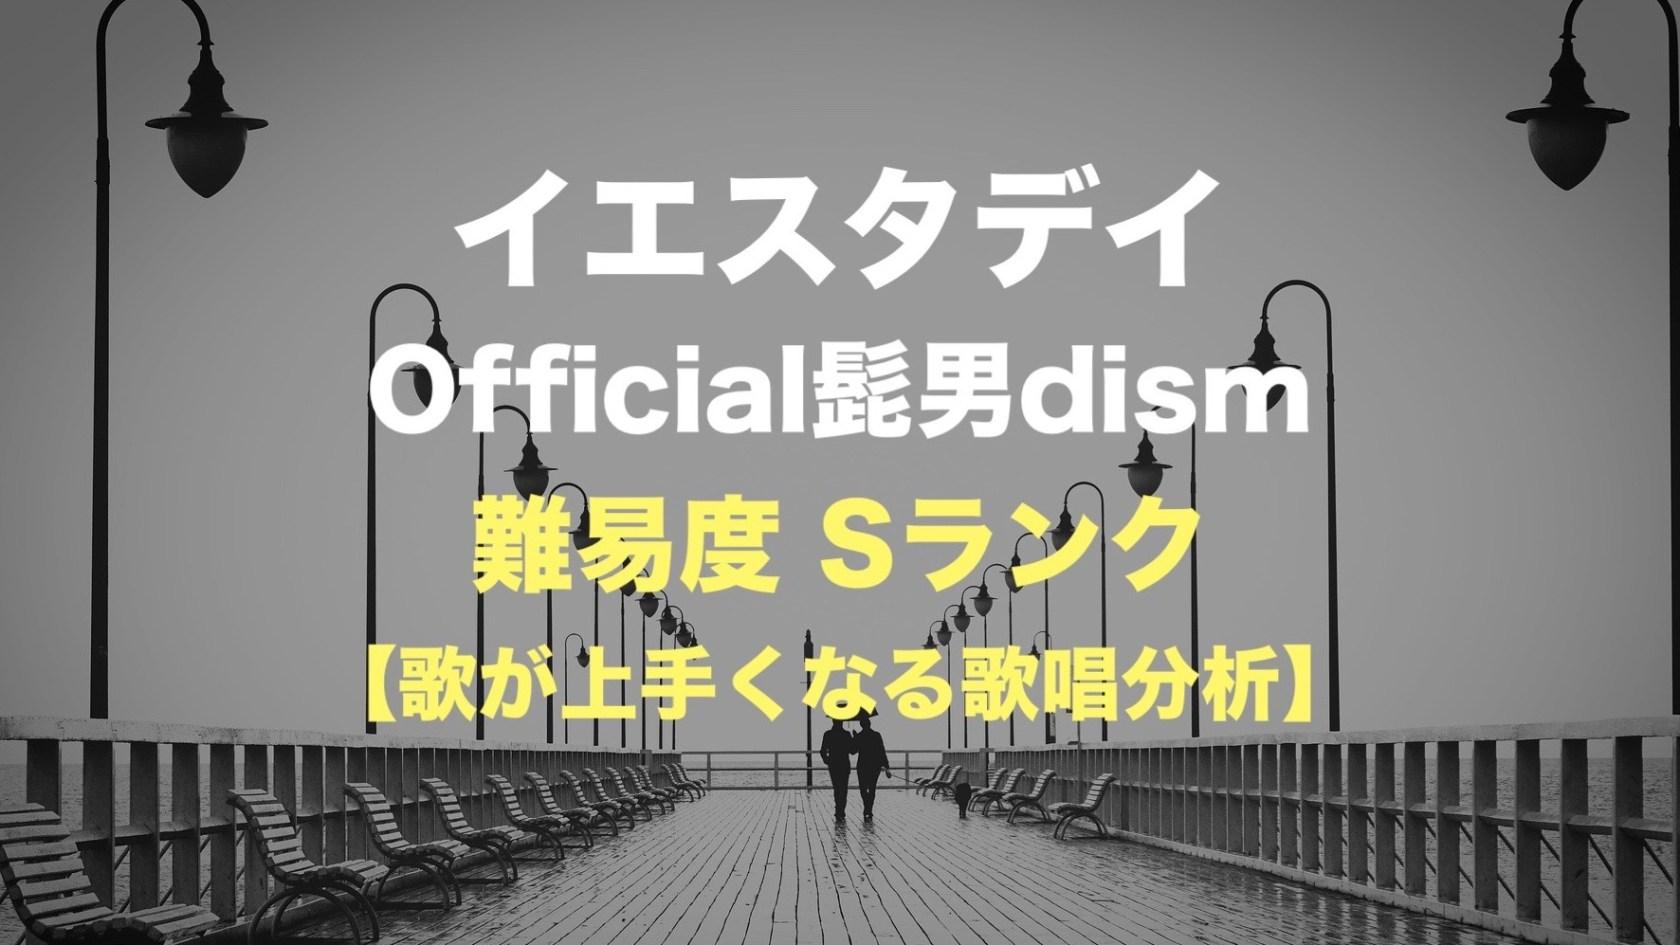 【歌い方】イエスタデイ / Official髭男dism(難易度S)【ハロー・ワールド主題歌】【歌が上手くなる歌唱分析シリーズ】